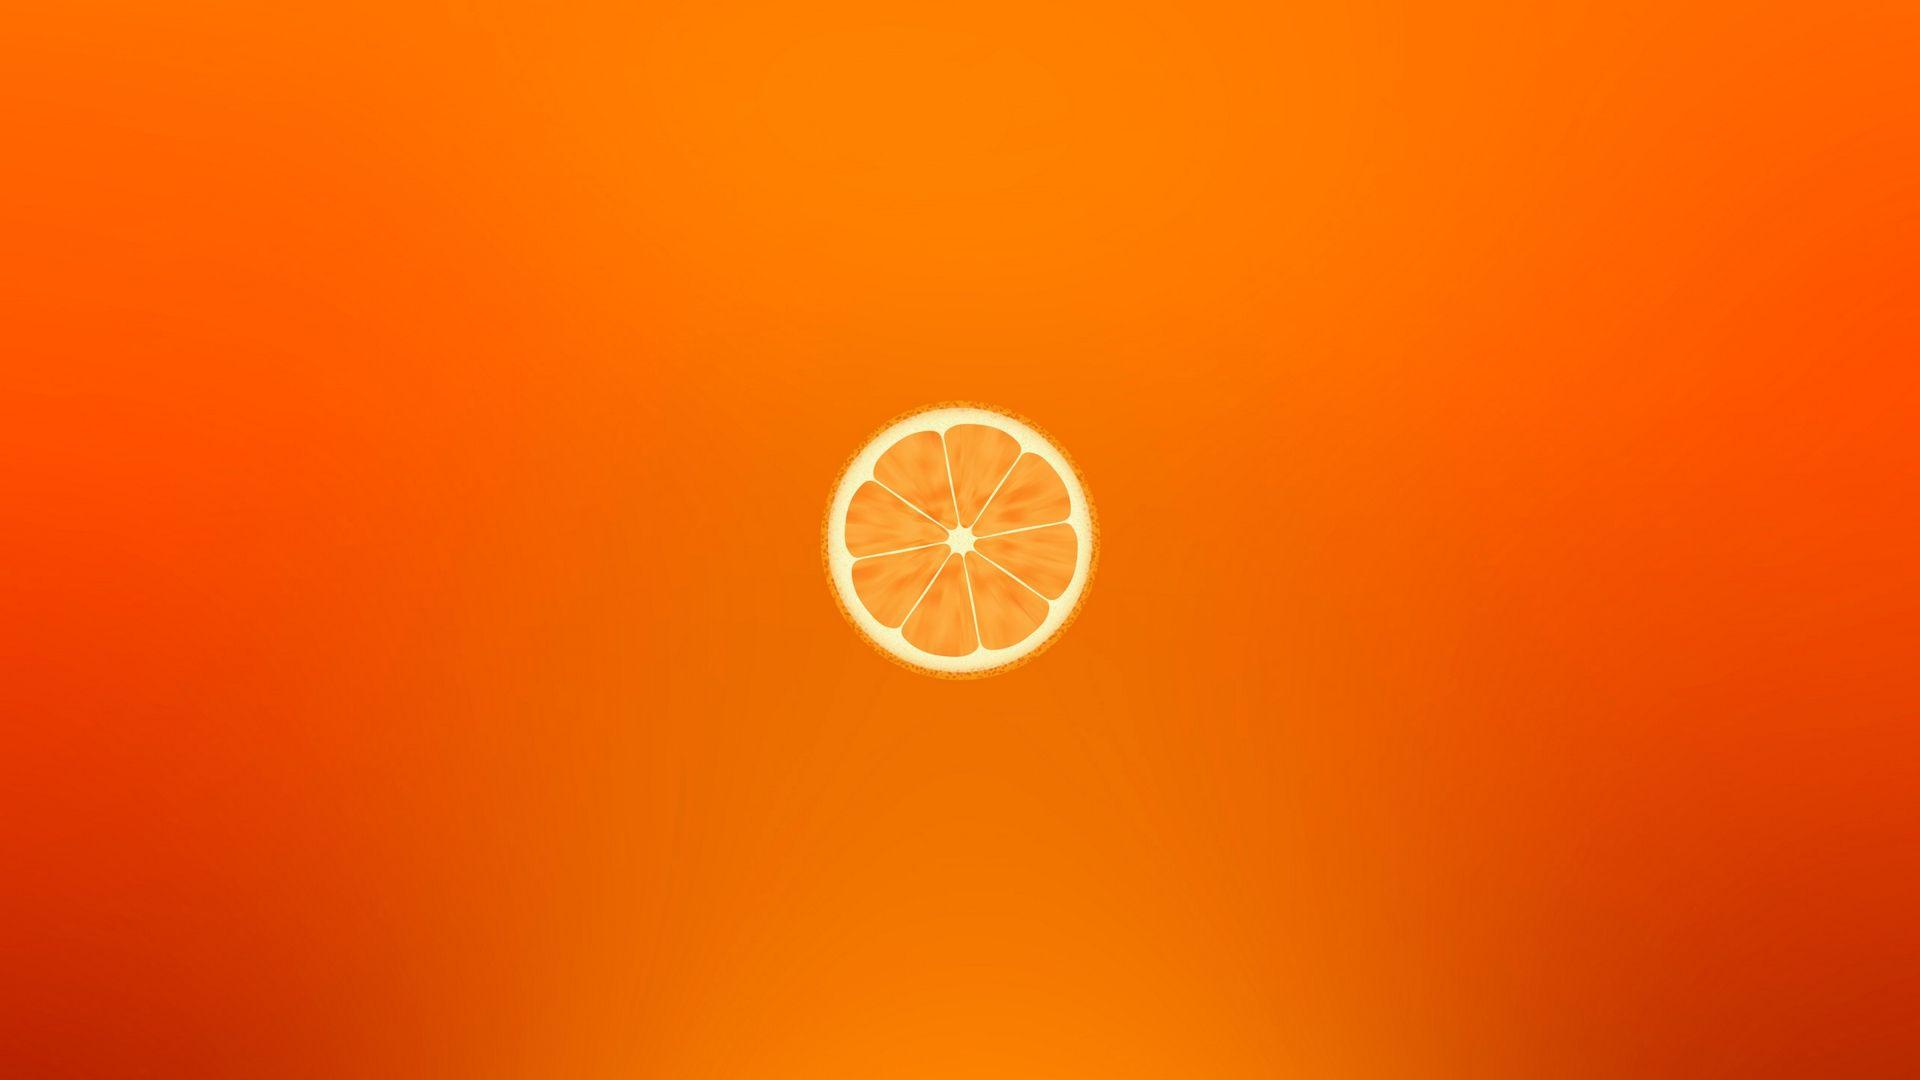 Orange Minimalism Slice Slice Wallpaper 1920x1080